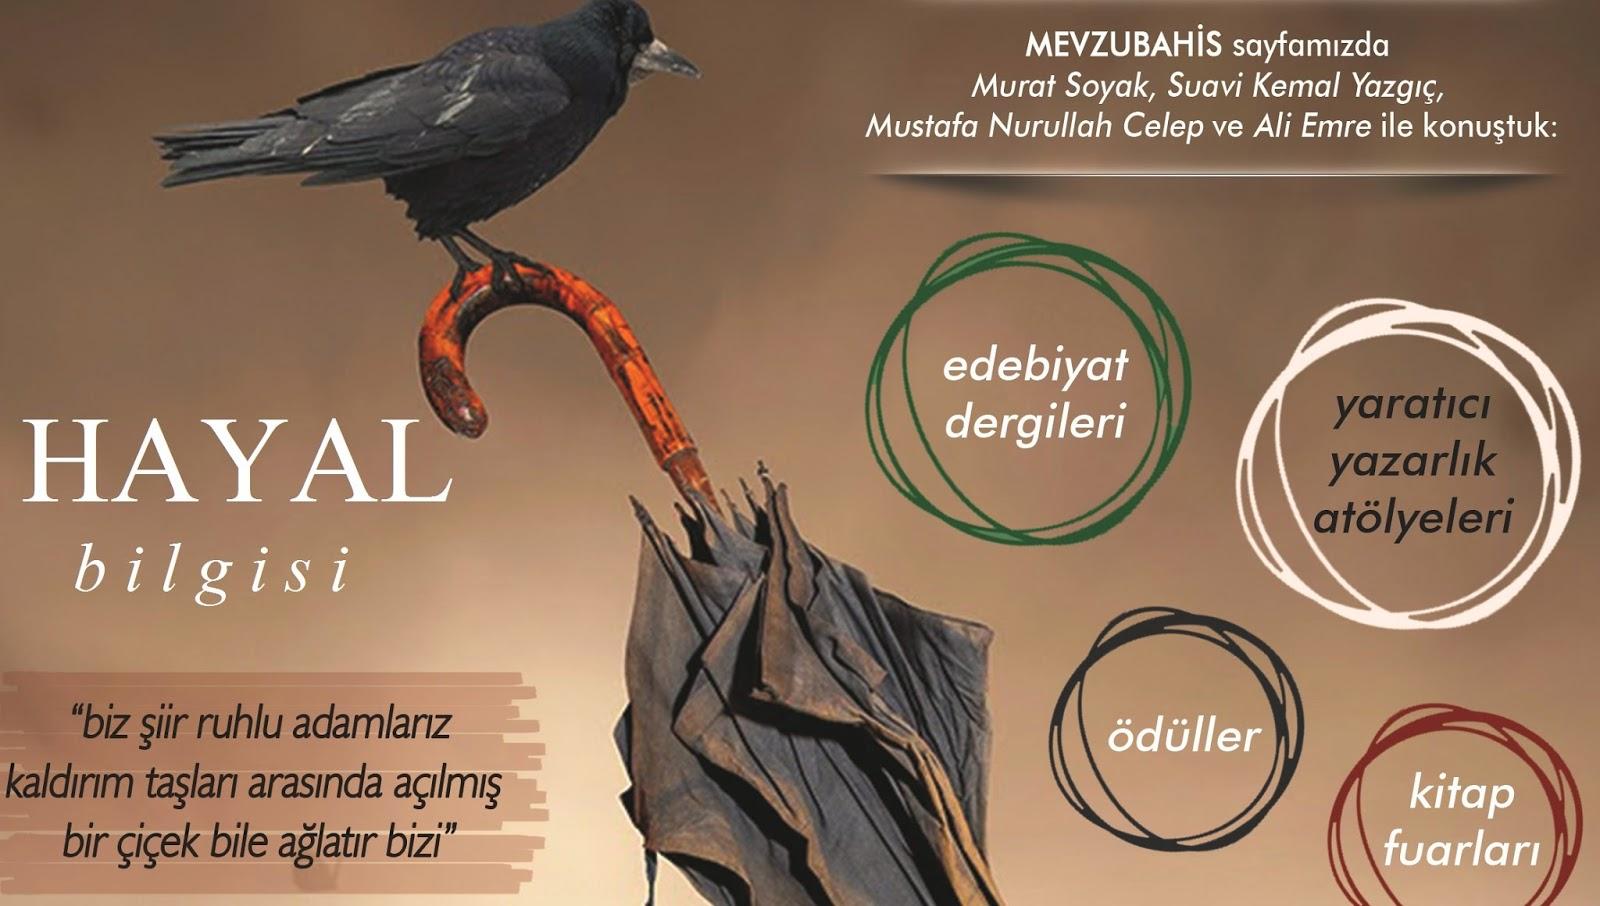 Hayal Bilgisi 13 - TRT'de Gündem Edebiyat'ta